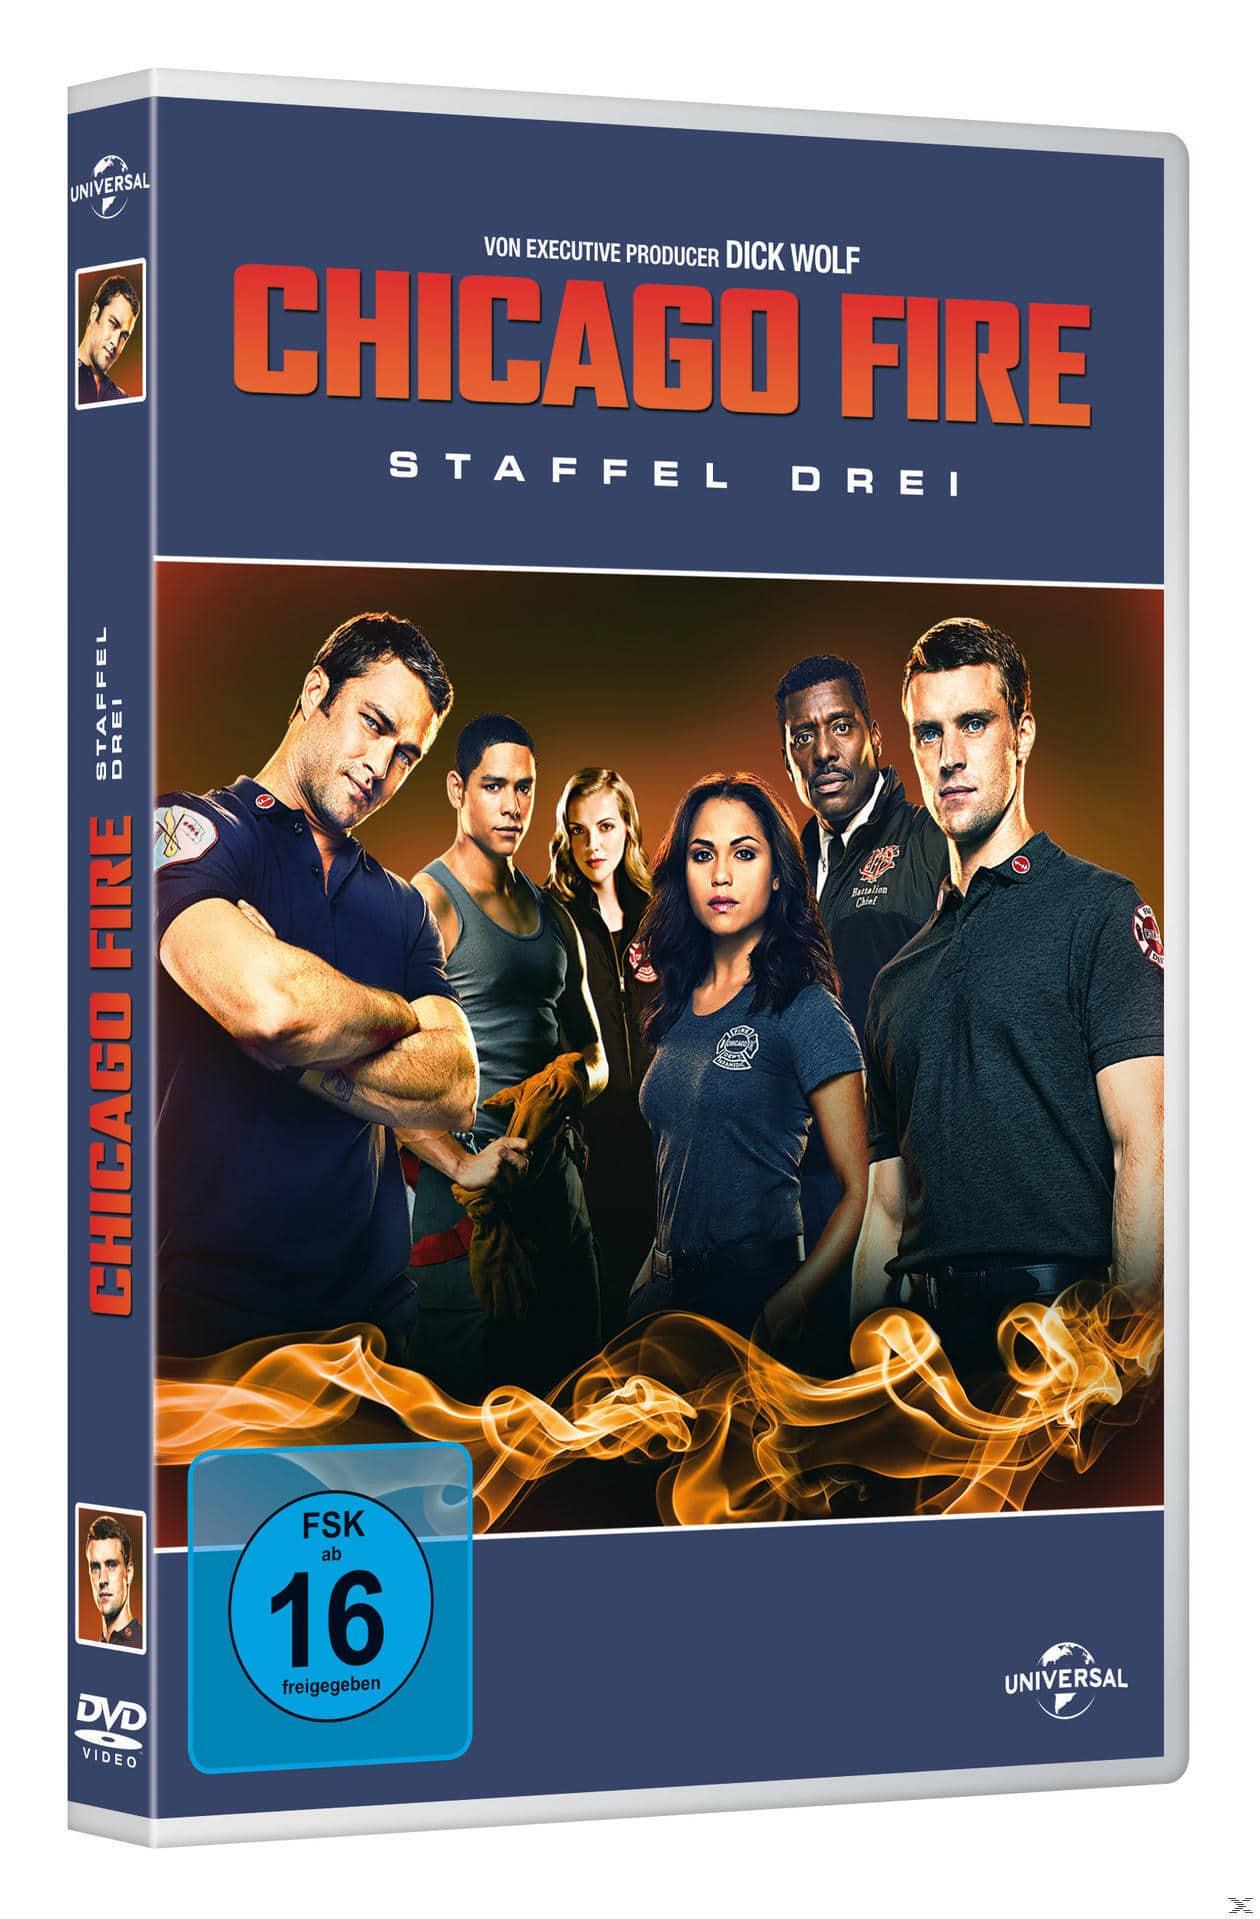 Chicago Fire - Staffel 3 DVD-Box (DVD) für 19,99 Euro